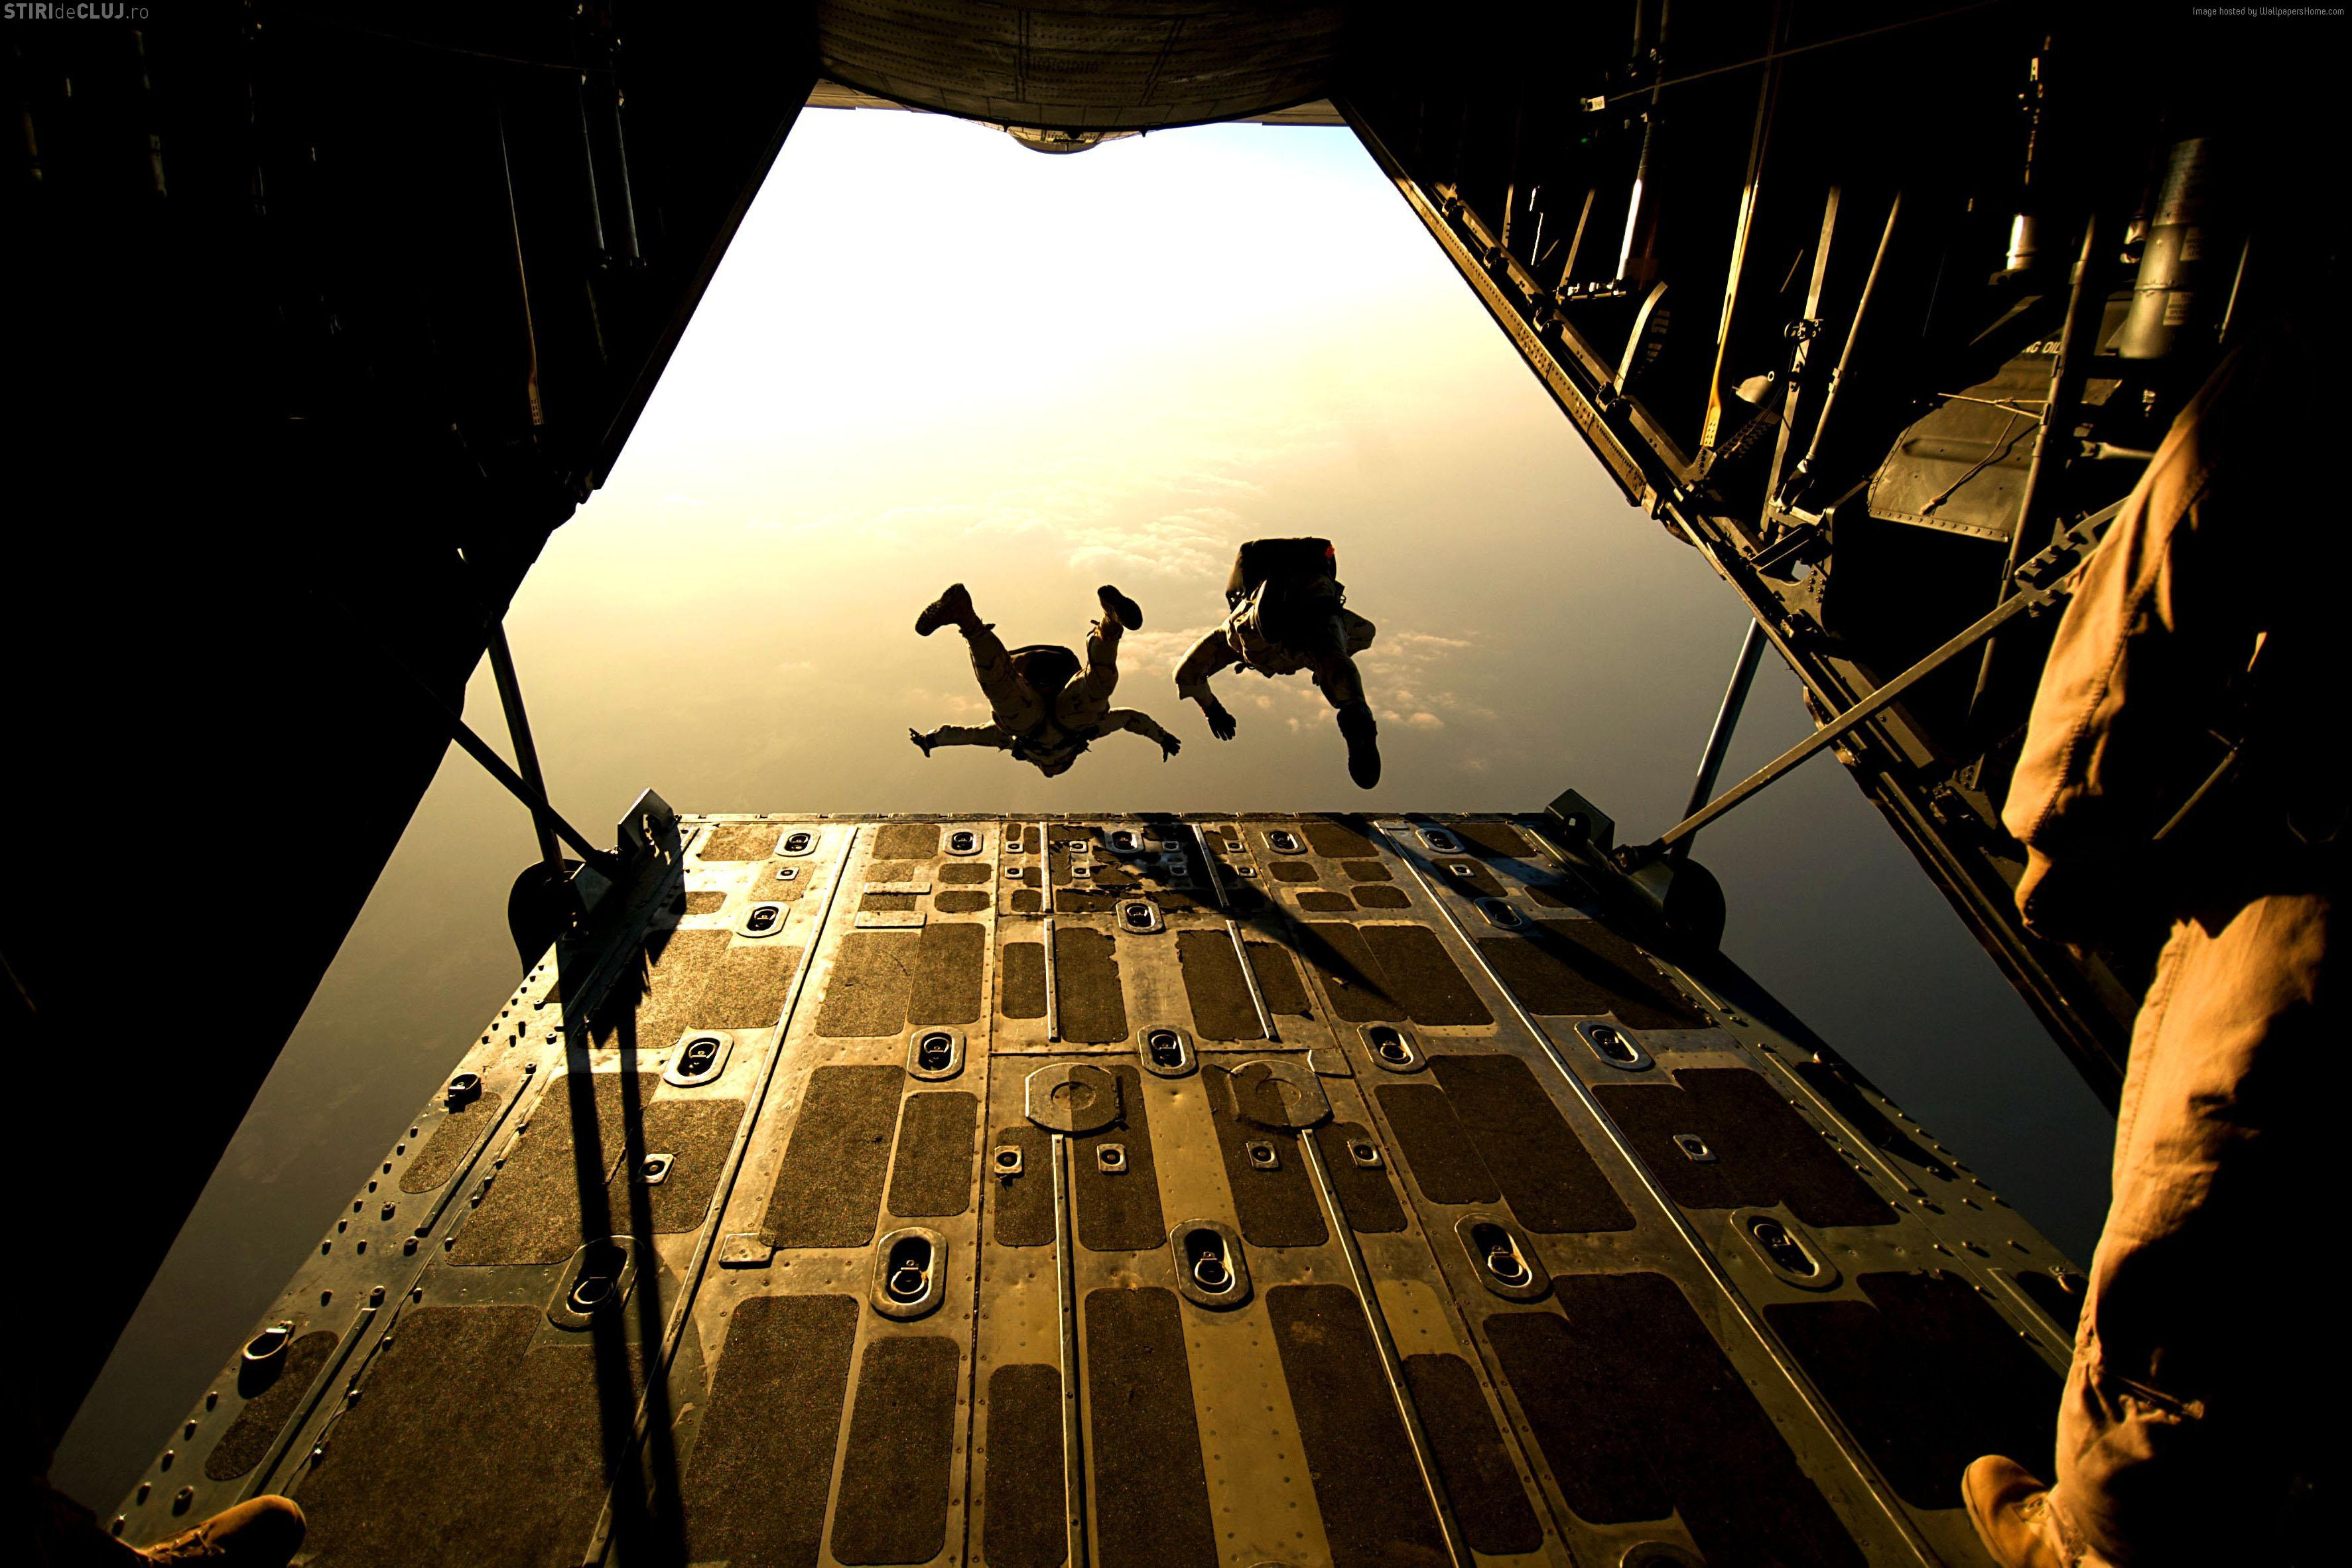 Cluj / Baza Aeriană Câmpia Turzii: 12 militari americani, răniţi după o paraşutare, la Swift Response 17-1